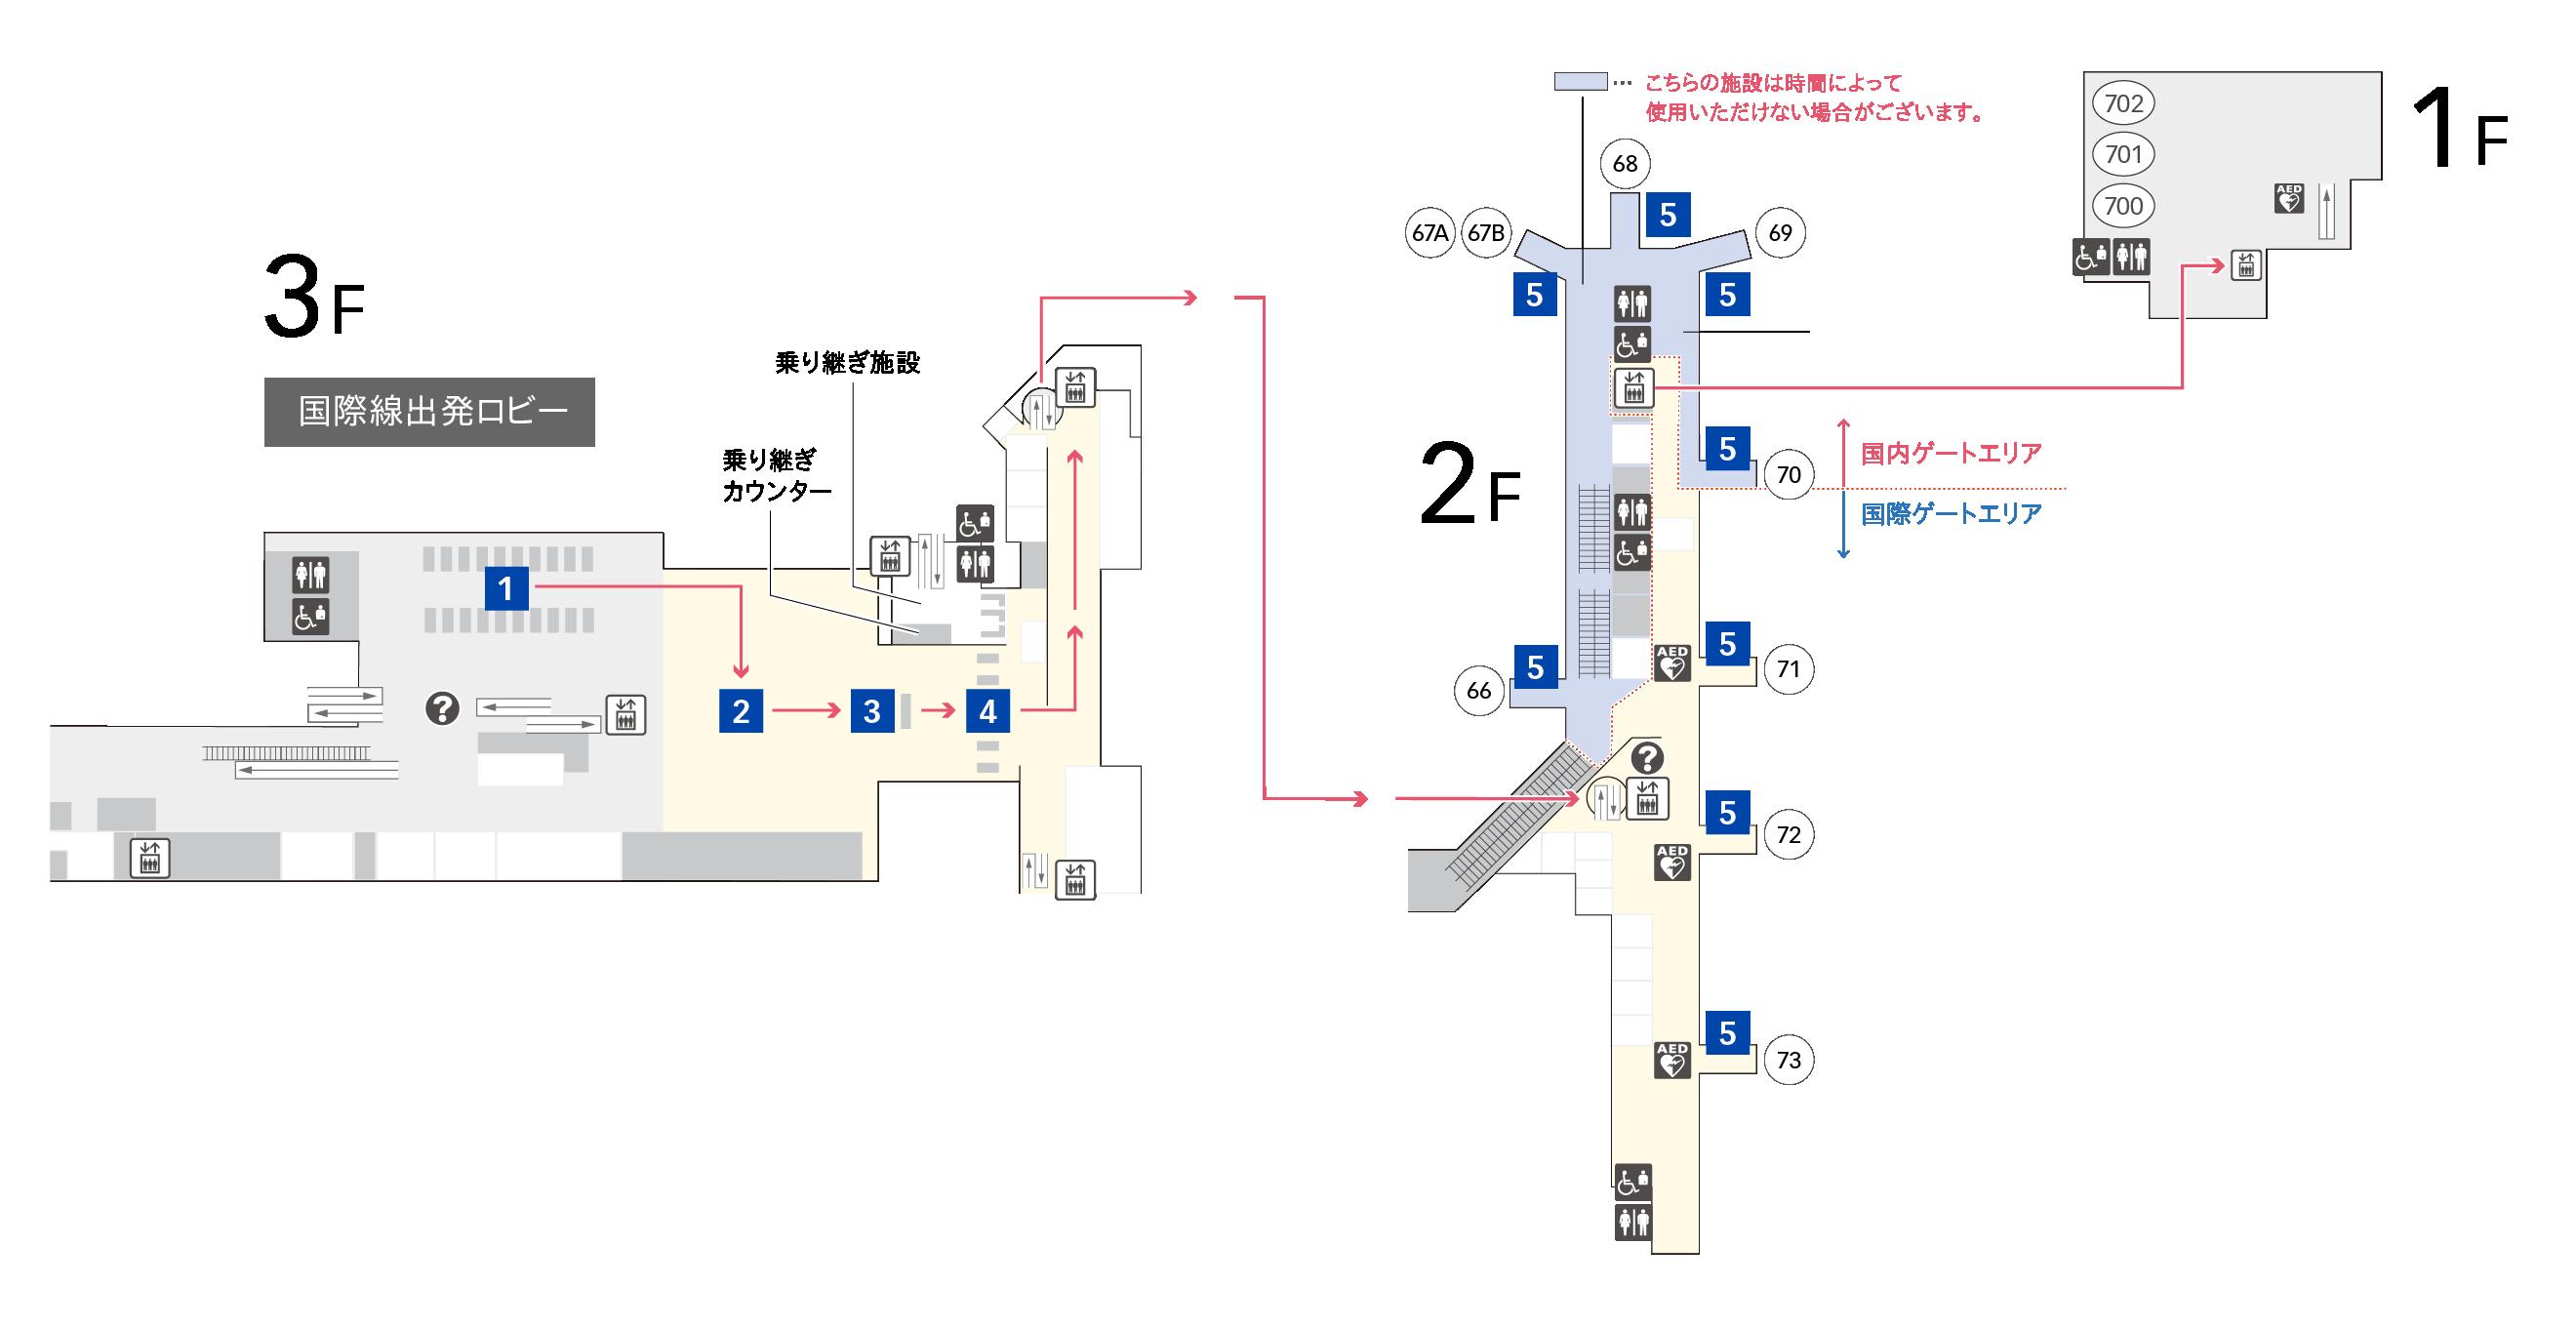 羽田 空港 国際線 発着 情報